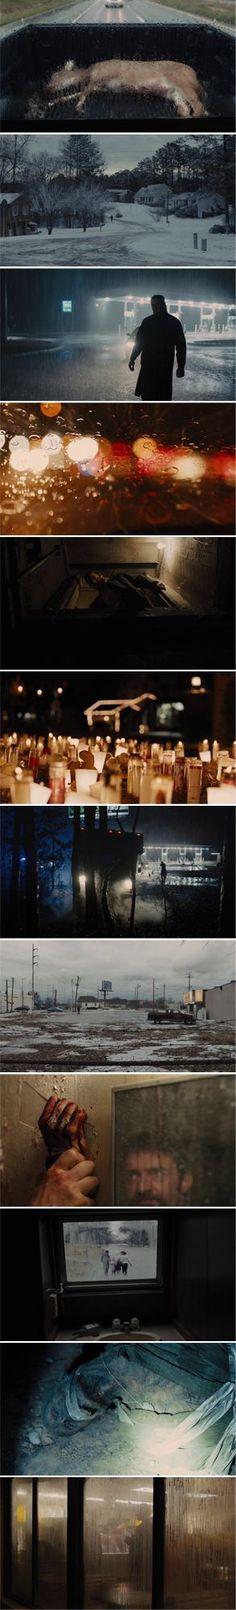 #rogerdeakins #cinematography #prisoners #MovieMakerCameras